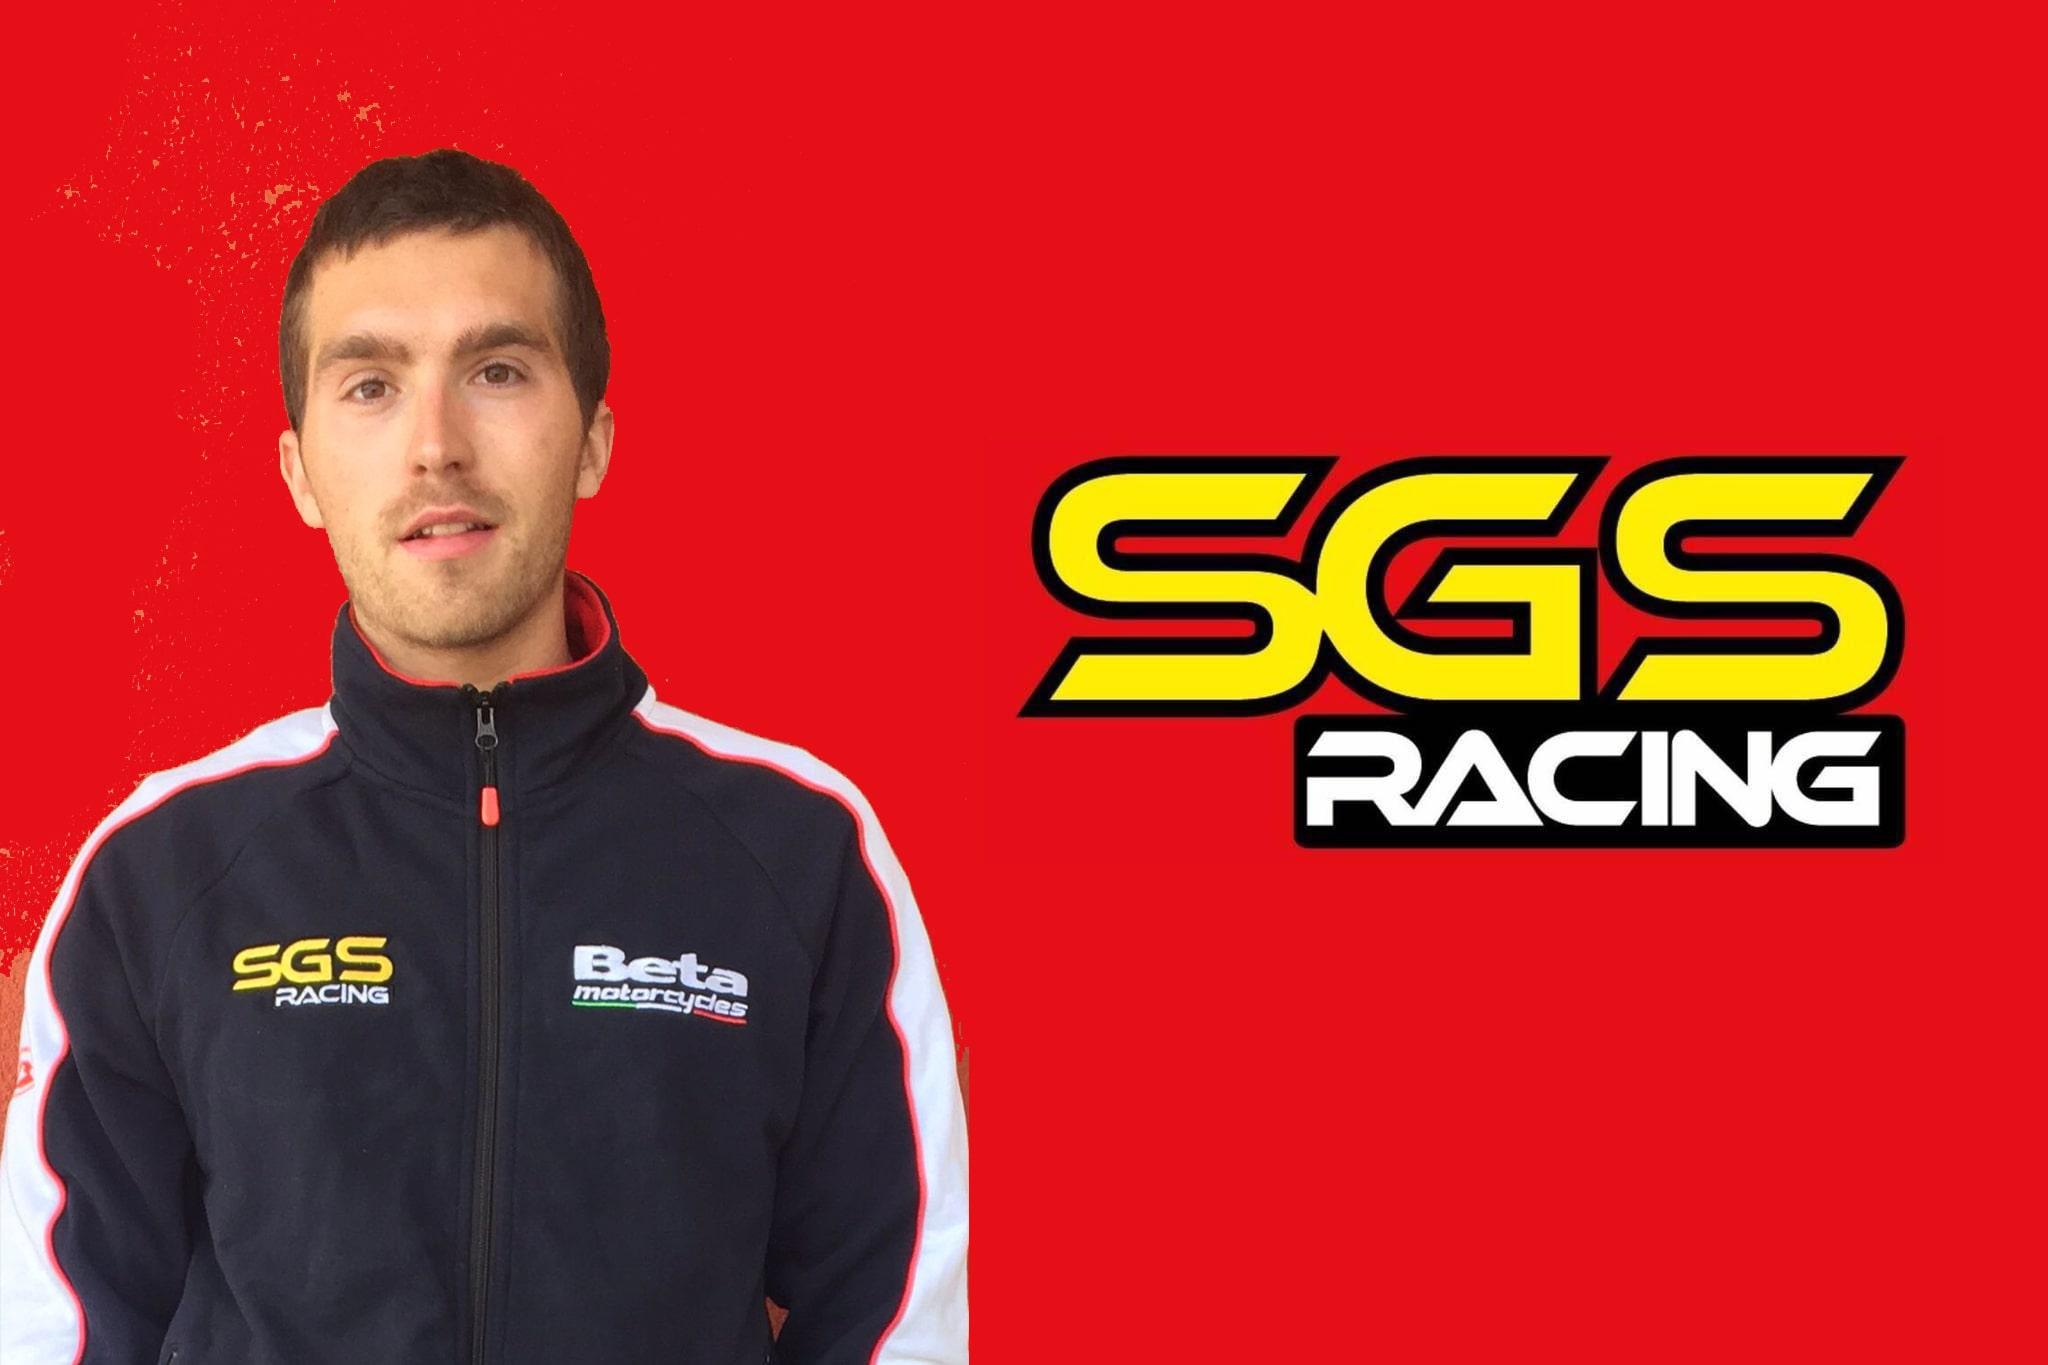 Davide Pellizzaro e SGS Racing insieme per la stagione enduro 2021